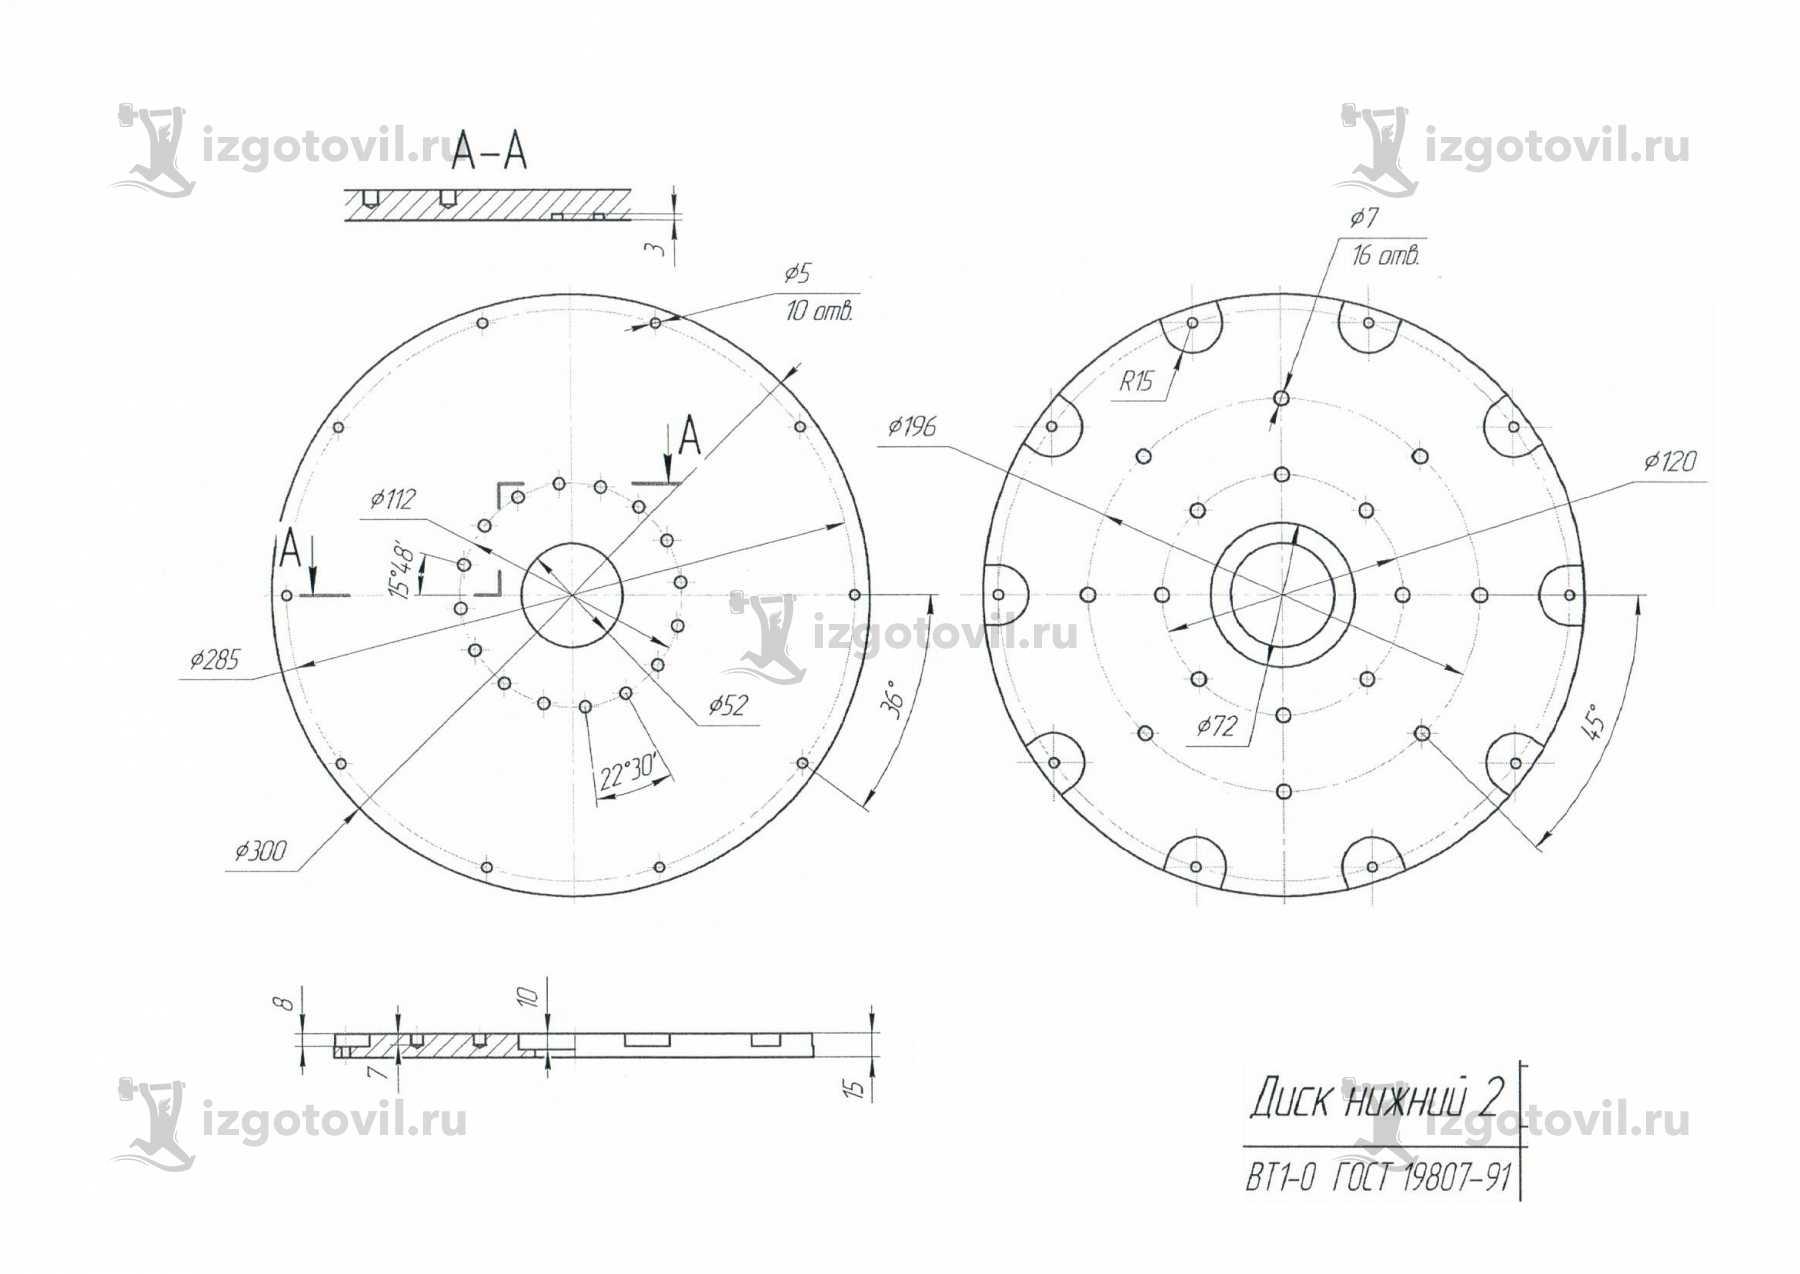 Изготовление деталей по чертежам - изготовление держателя, шайбы, головки вала, дисков